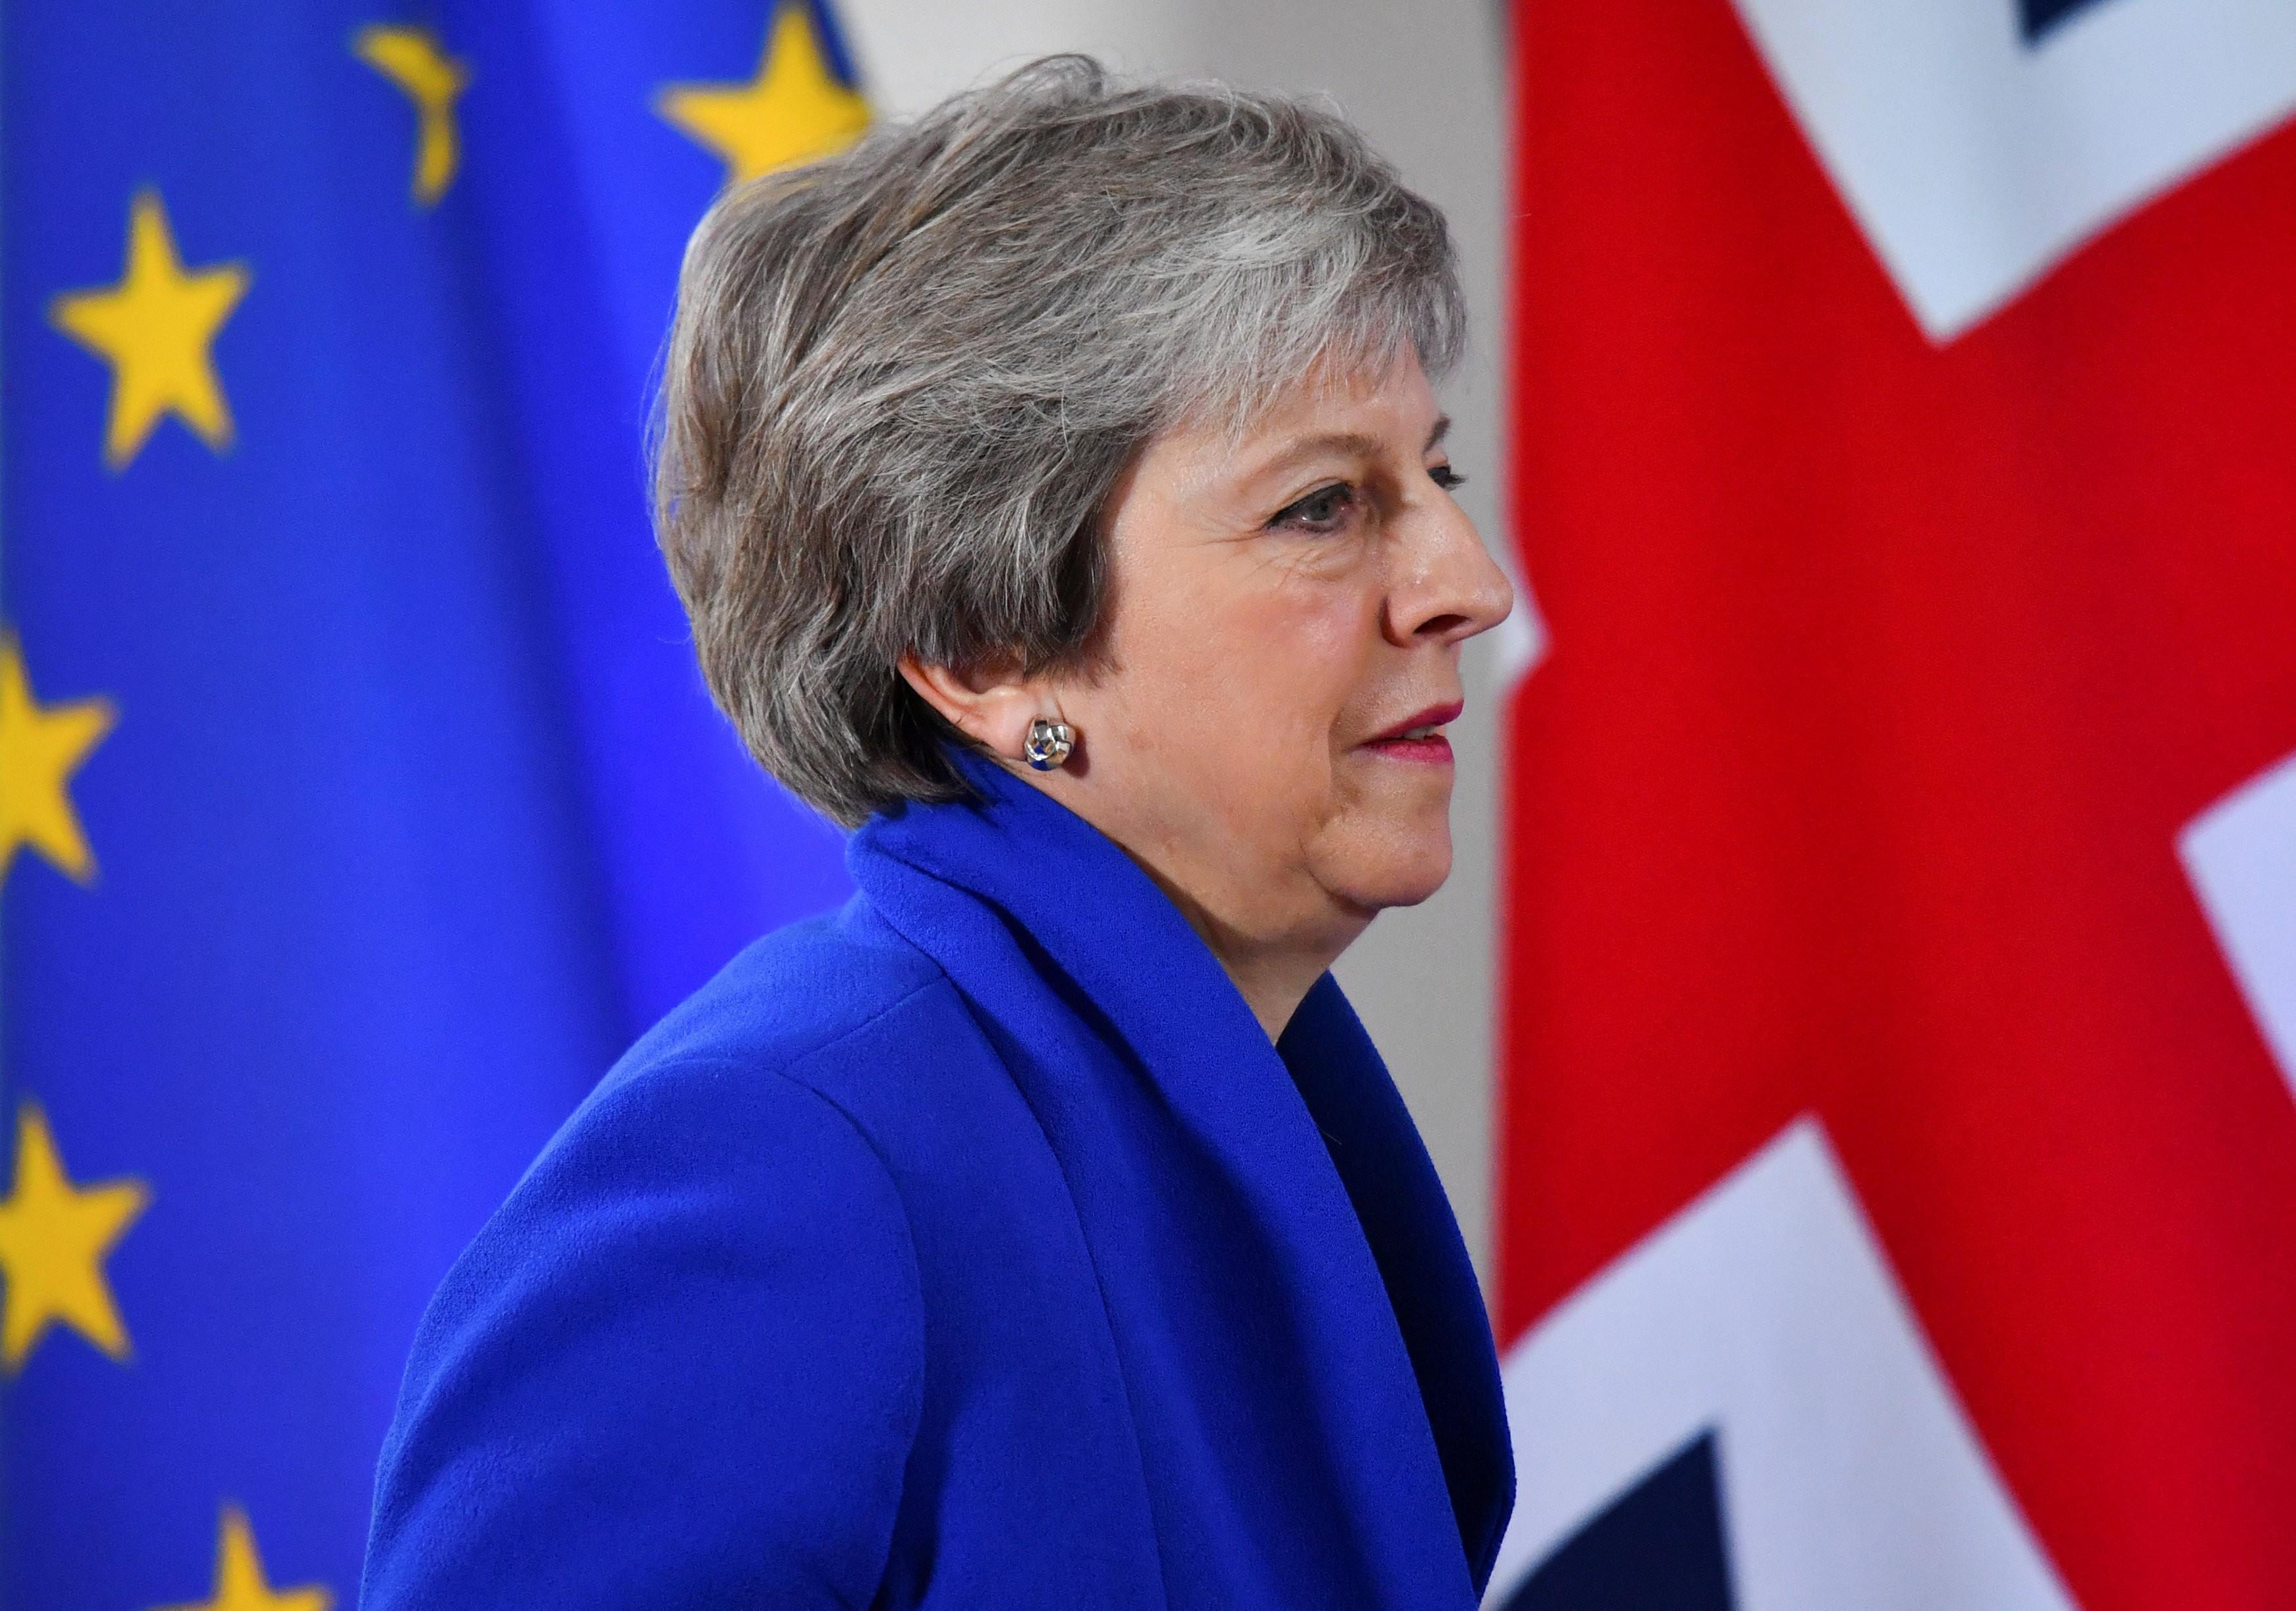 bc4498dc31e84 Parlamento Britânico votará acordo em 11 de dezembro, mas aprovação  encontrará dificuldades. Theresa May, premiê britânica, entre as bandeiras  da União ...